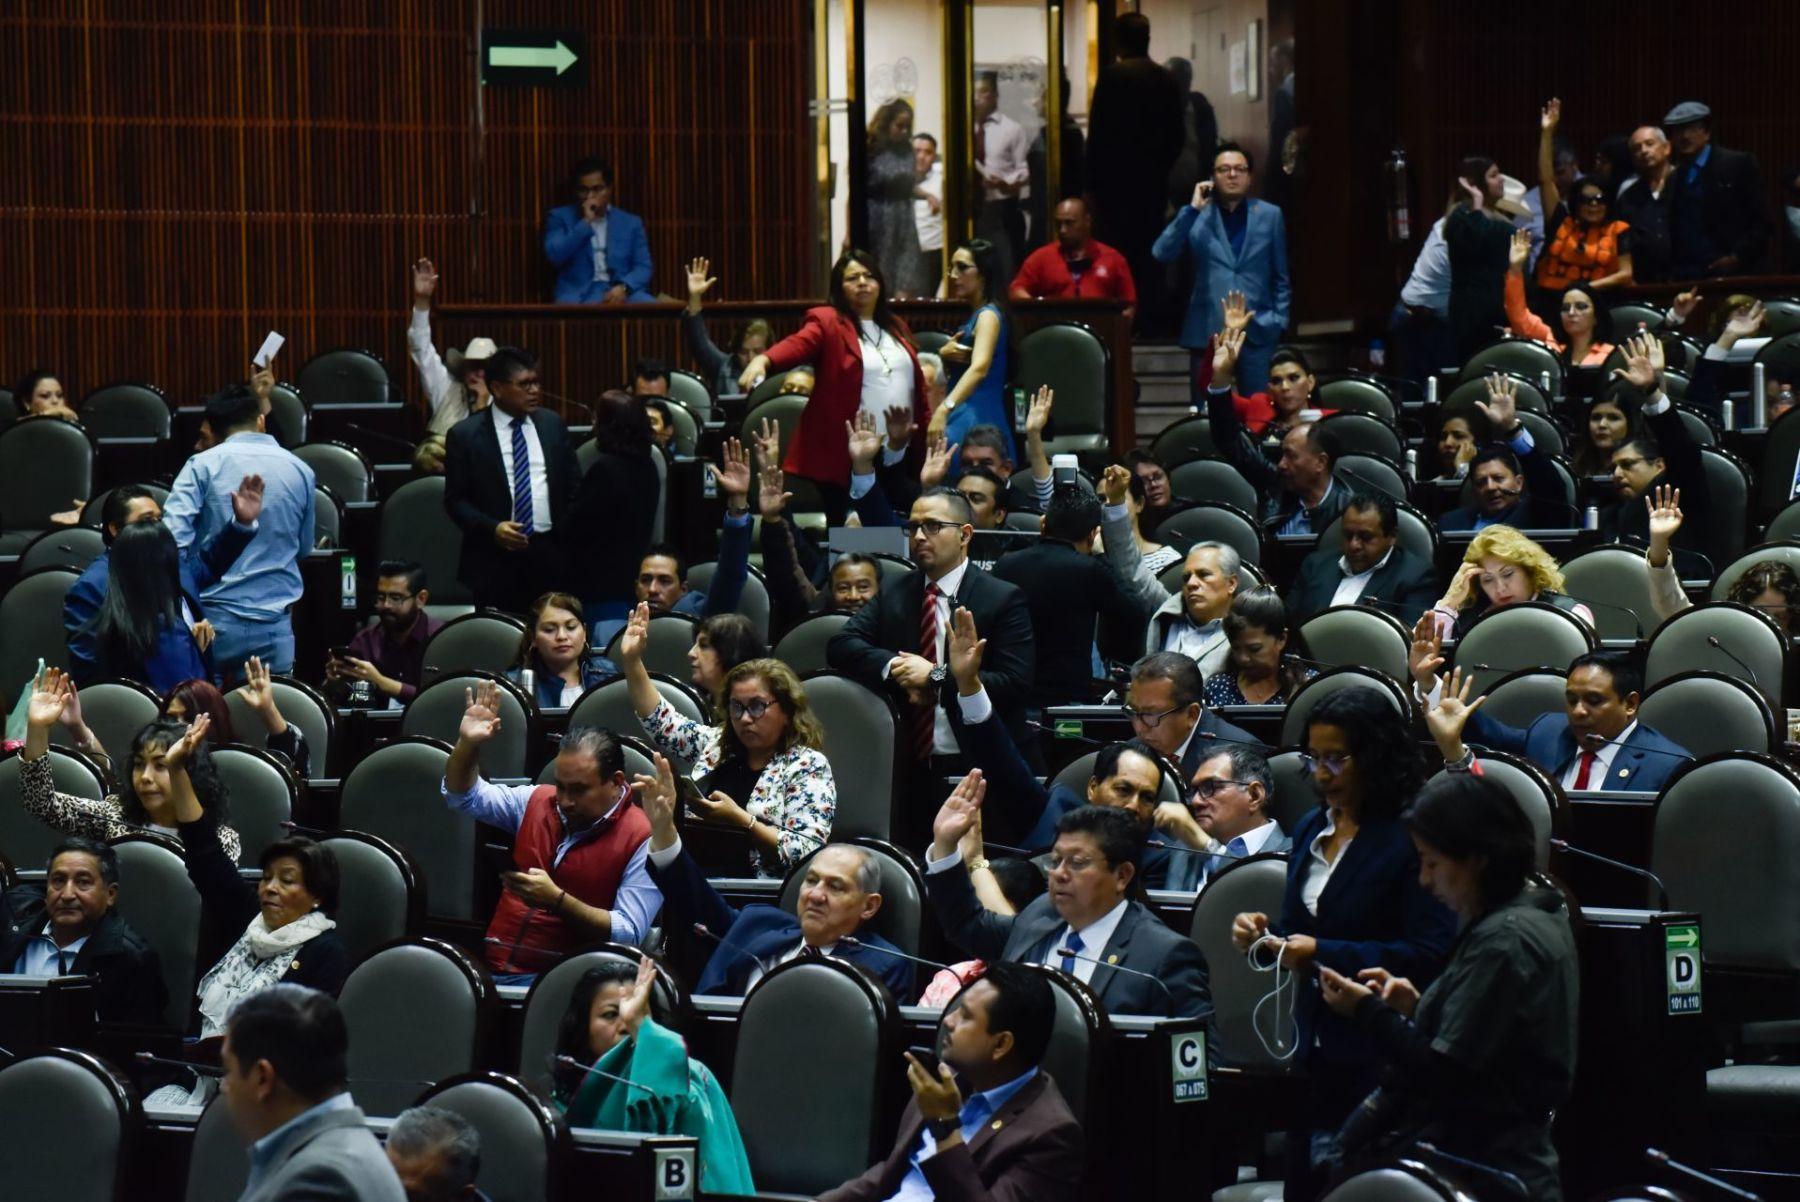 Diputados aprueban reelección de legisladores sin que dejen cargo